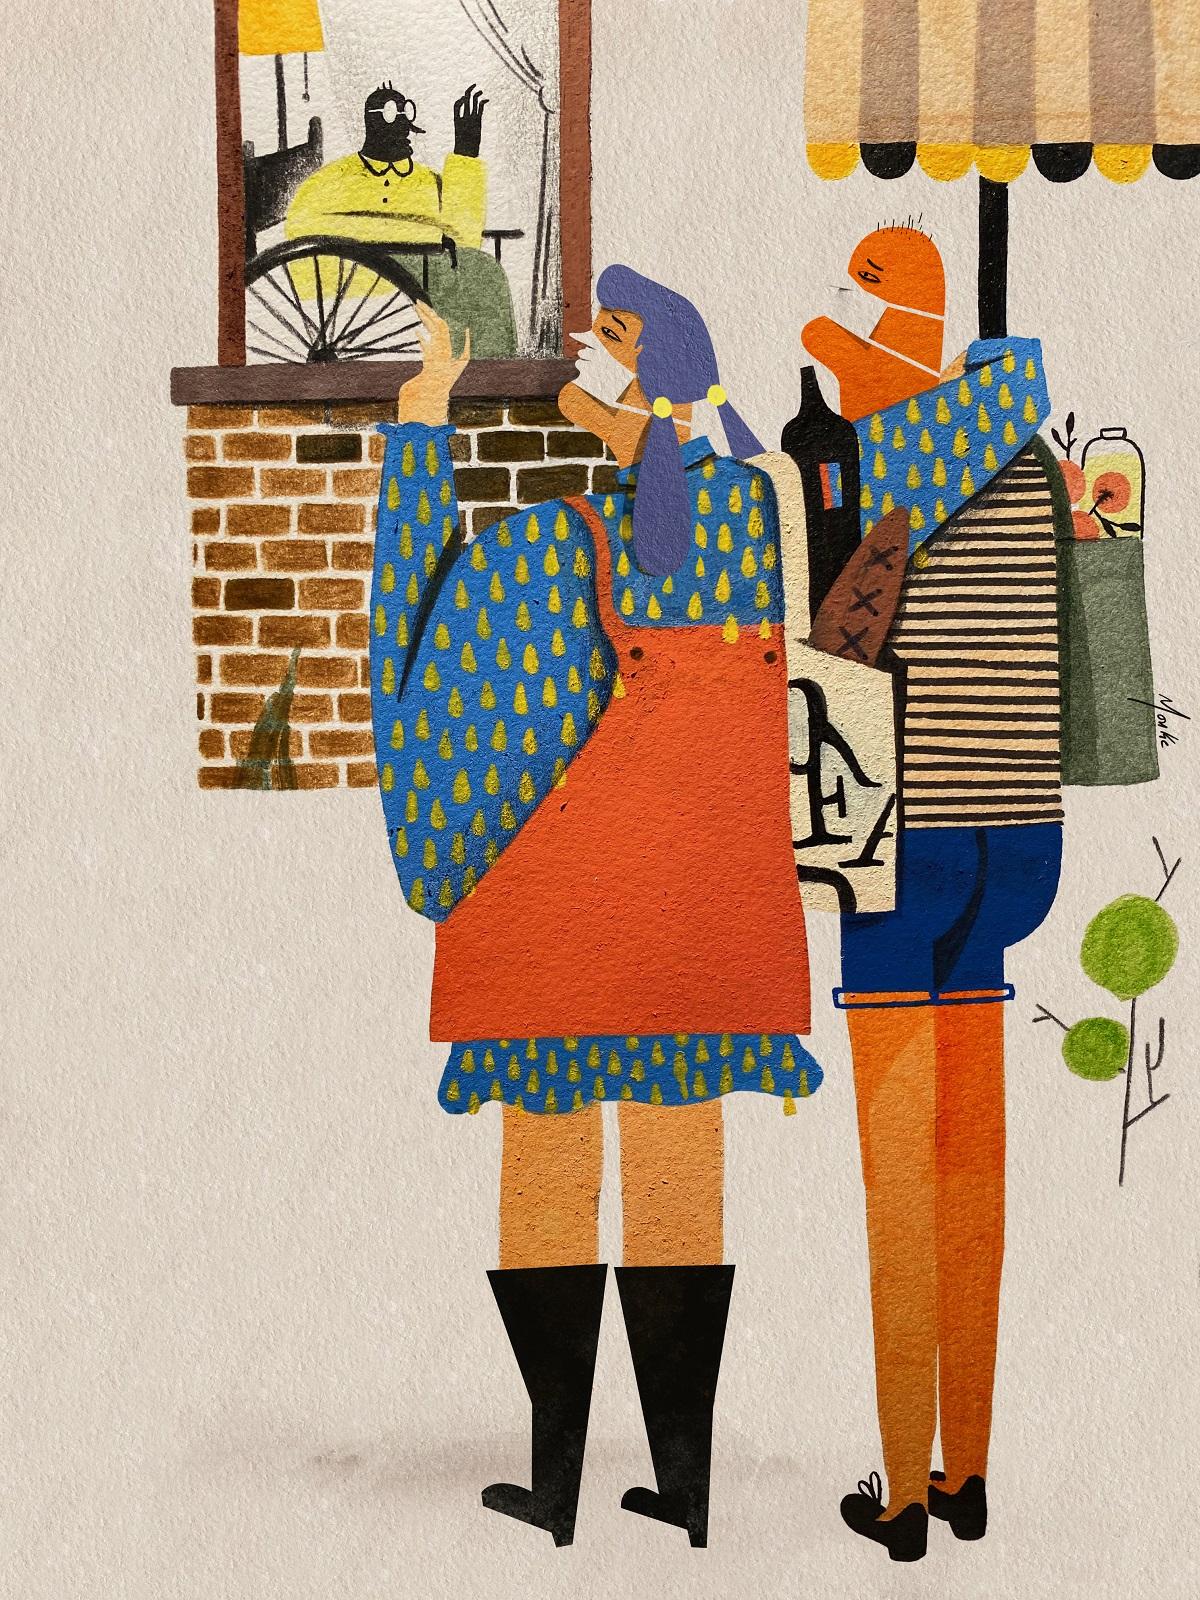 Con esta ilustración quiero enviar amor y los mejores deseos a nuestras queridas ancianas y ancianos. Están en mayor riesgo de padecimientos graves de COVID-19. Necesitan nuestra protección. Quedémonos en casa y ayudemos a nuestras abuelas y abuelos. Mantengamos la distancia física pero no la distancia emocional (Ilustración: Monkc).